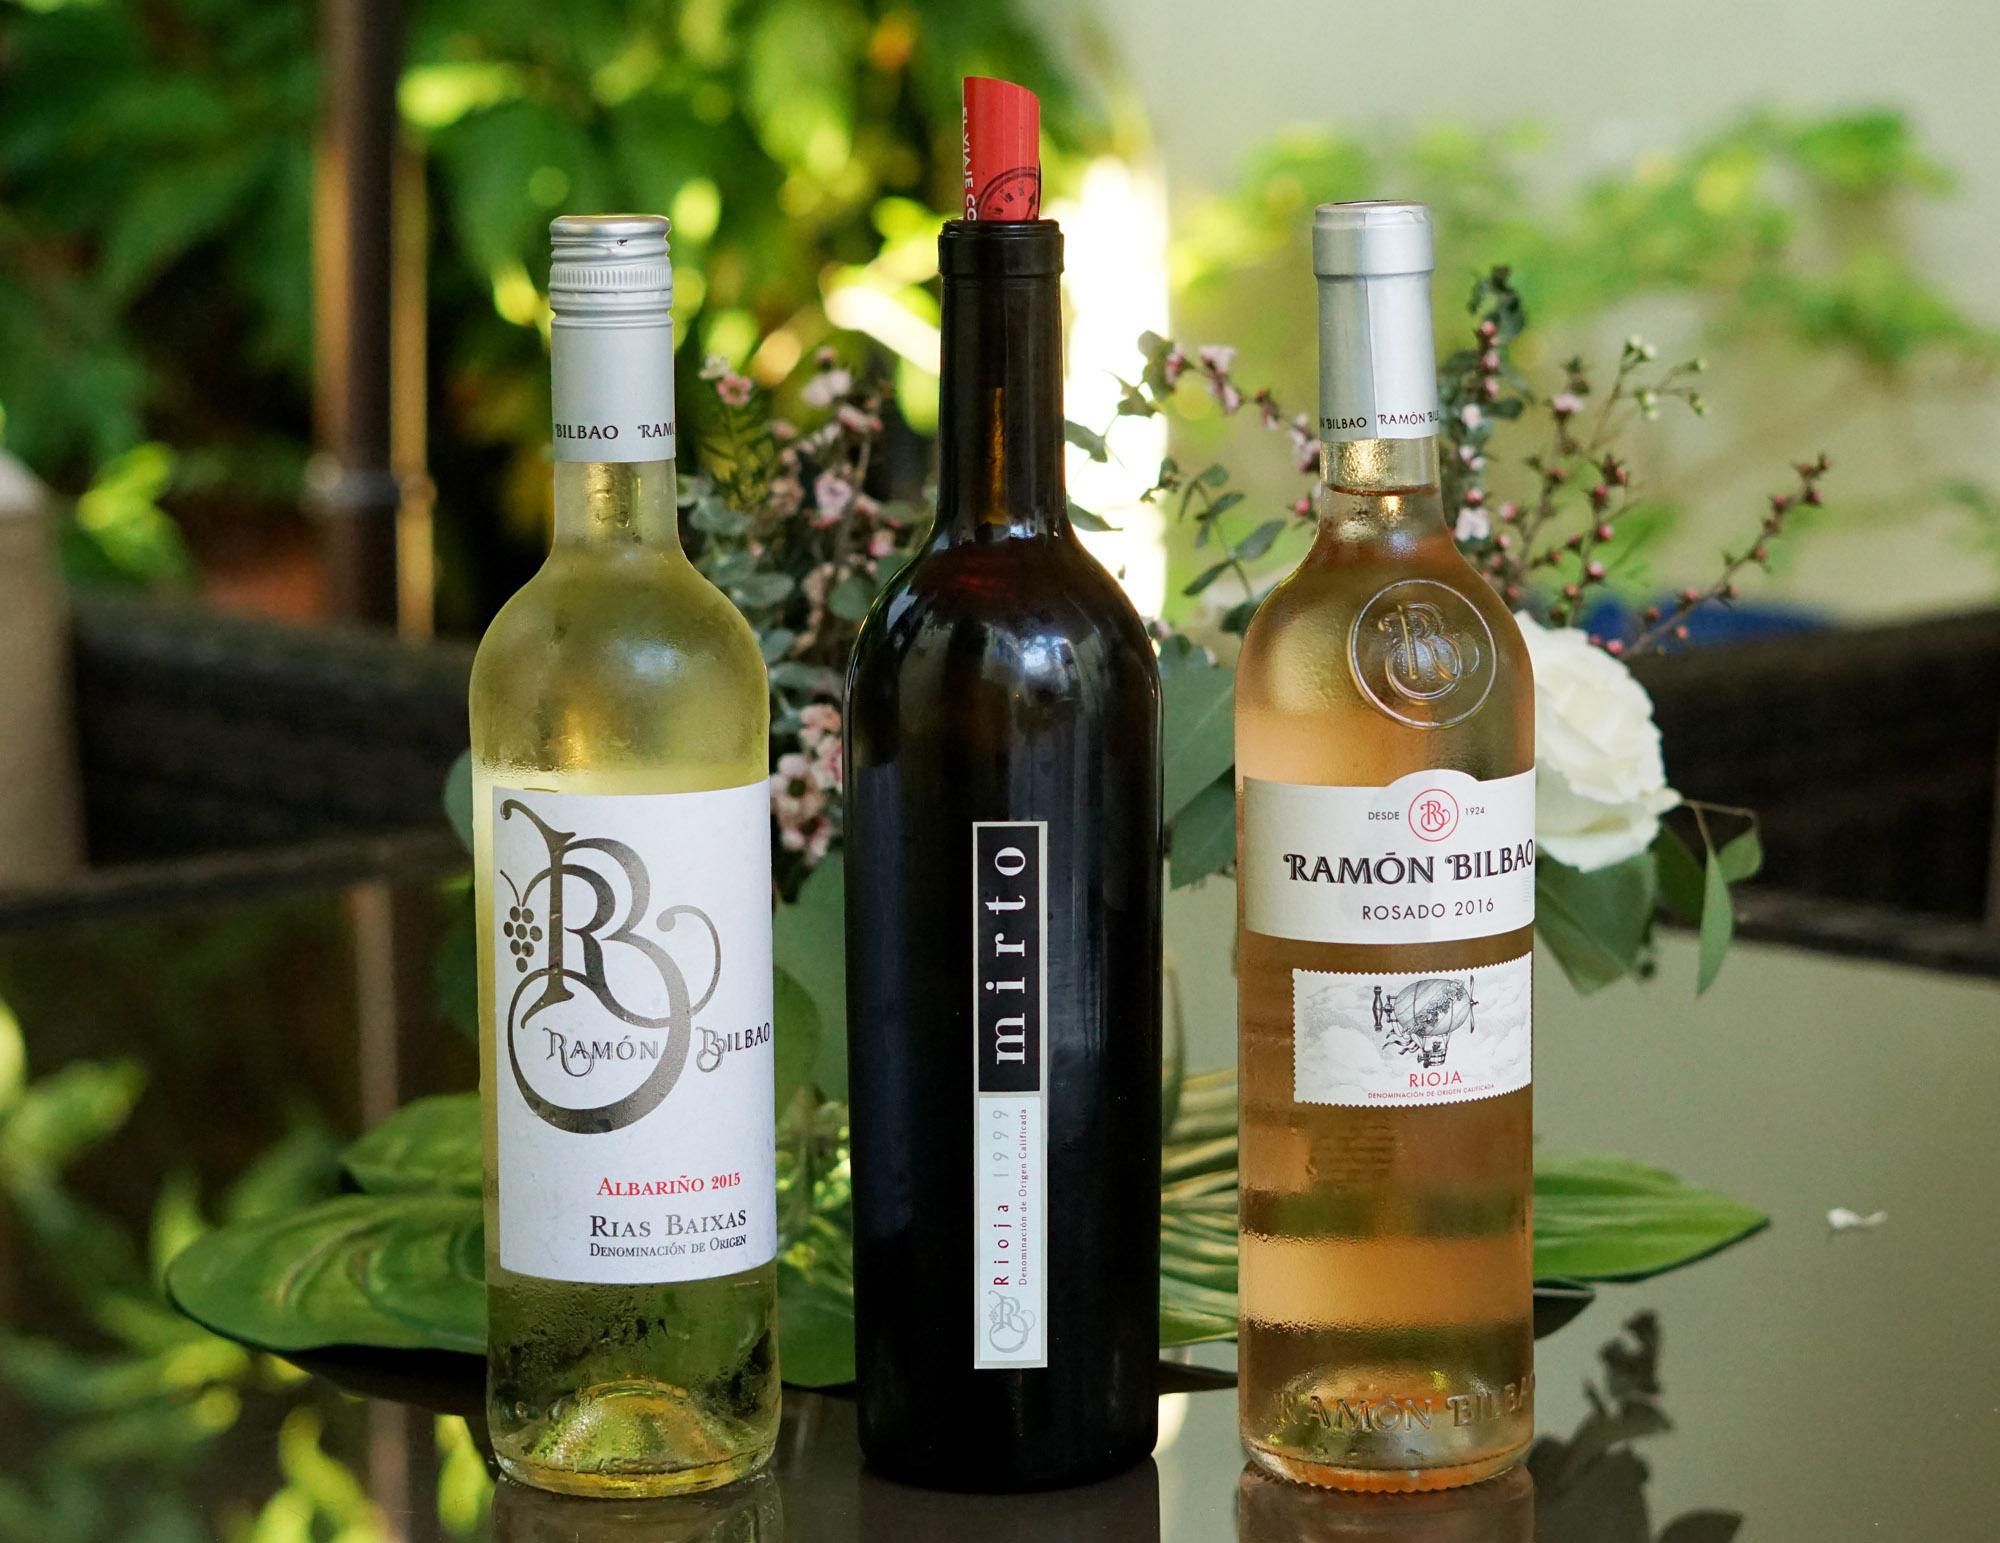 Rodolfo Bastida Wine